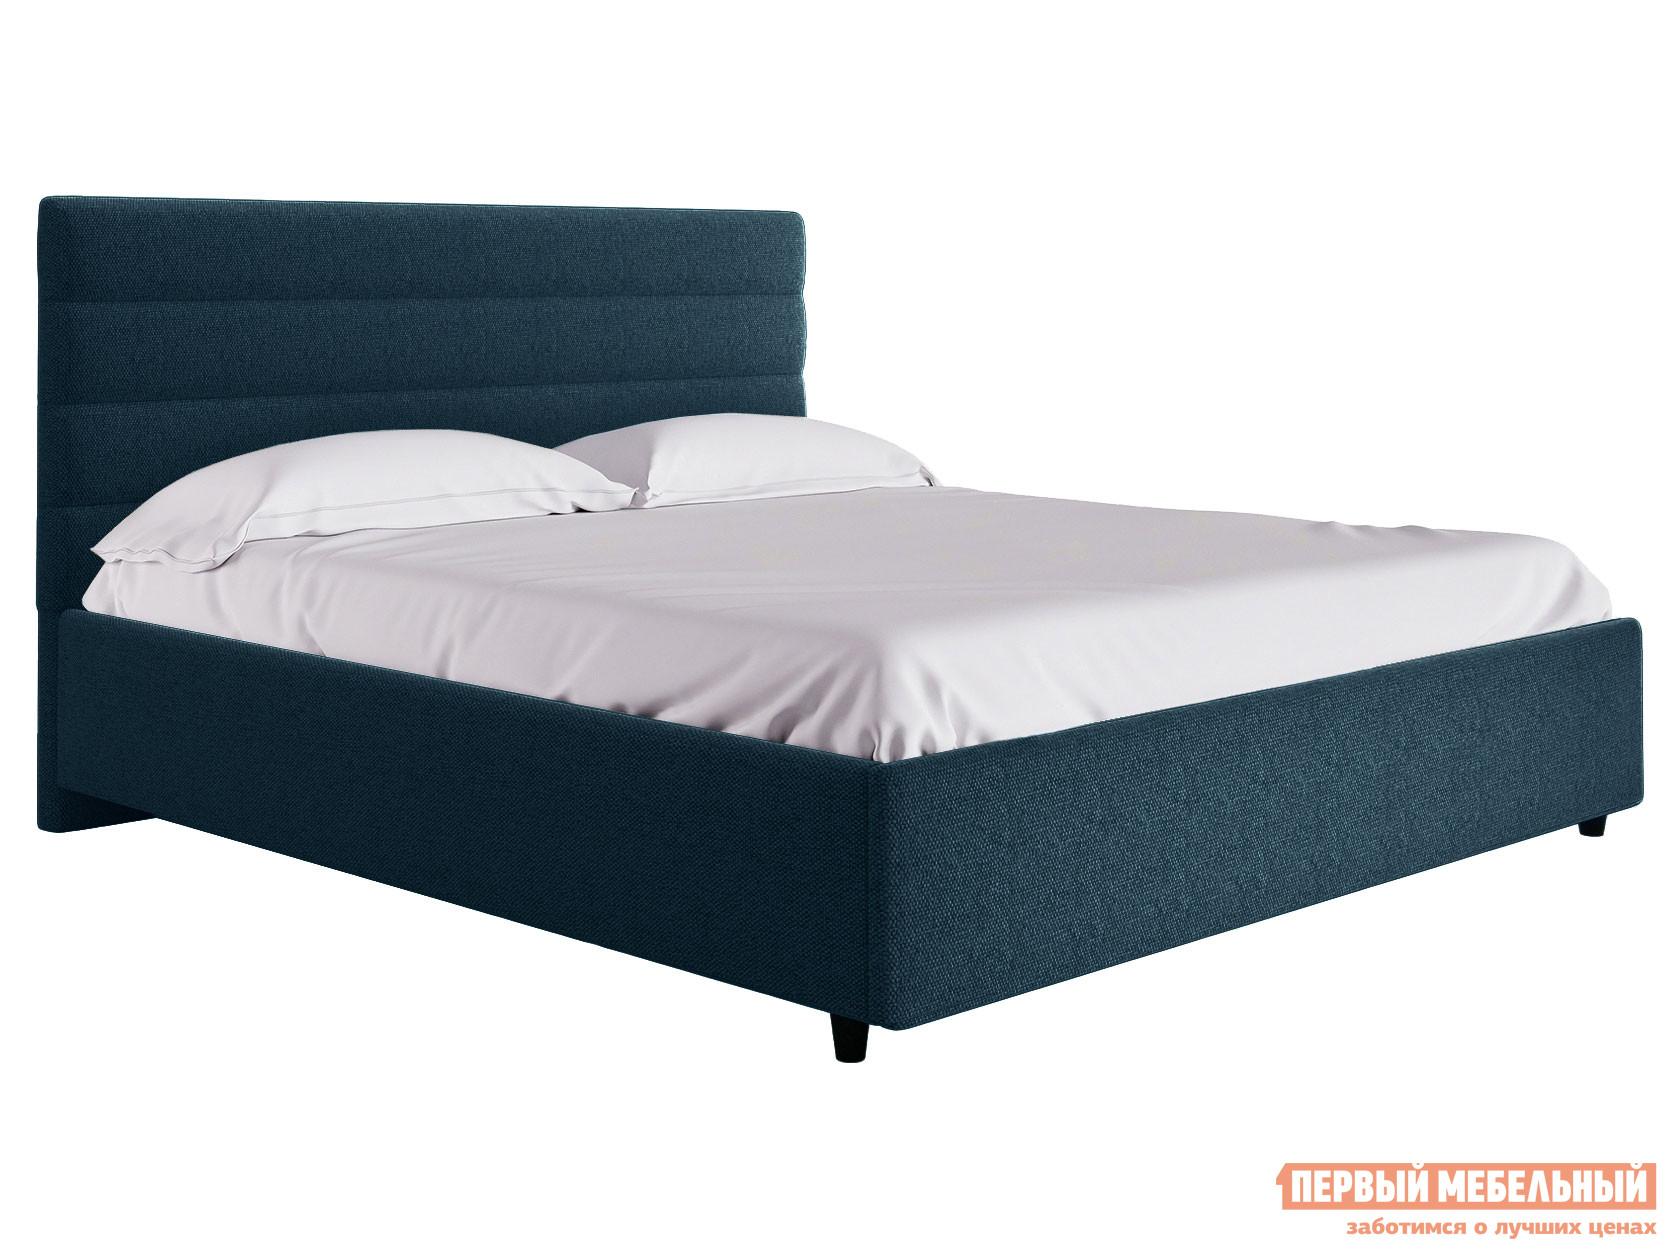 Двуспальная кровать  Кровать с подъемным механизмом Франческа ПМ Синий, рогожка, 1400 Х 2000 мм